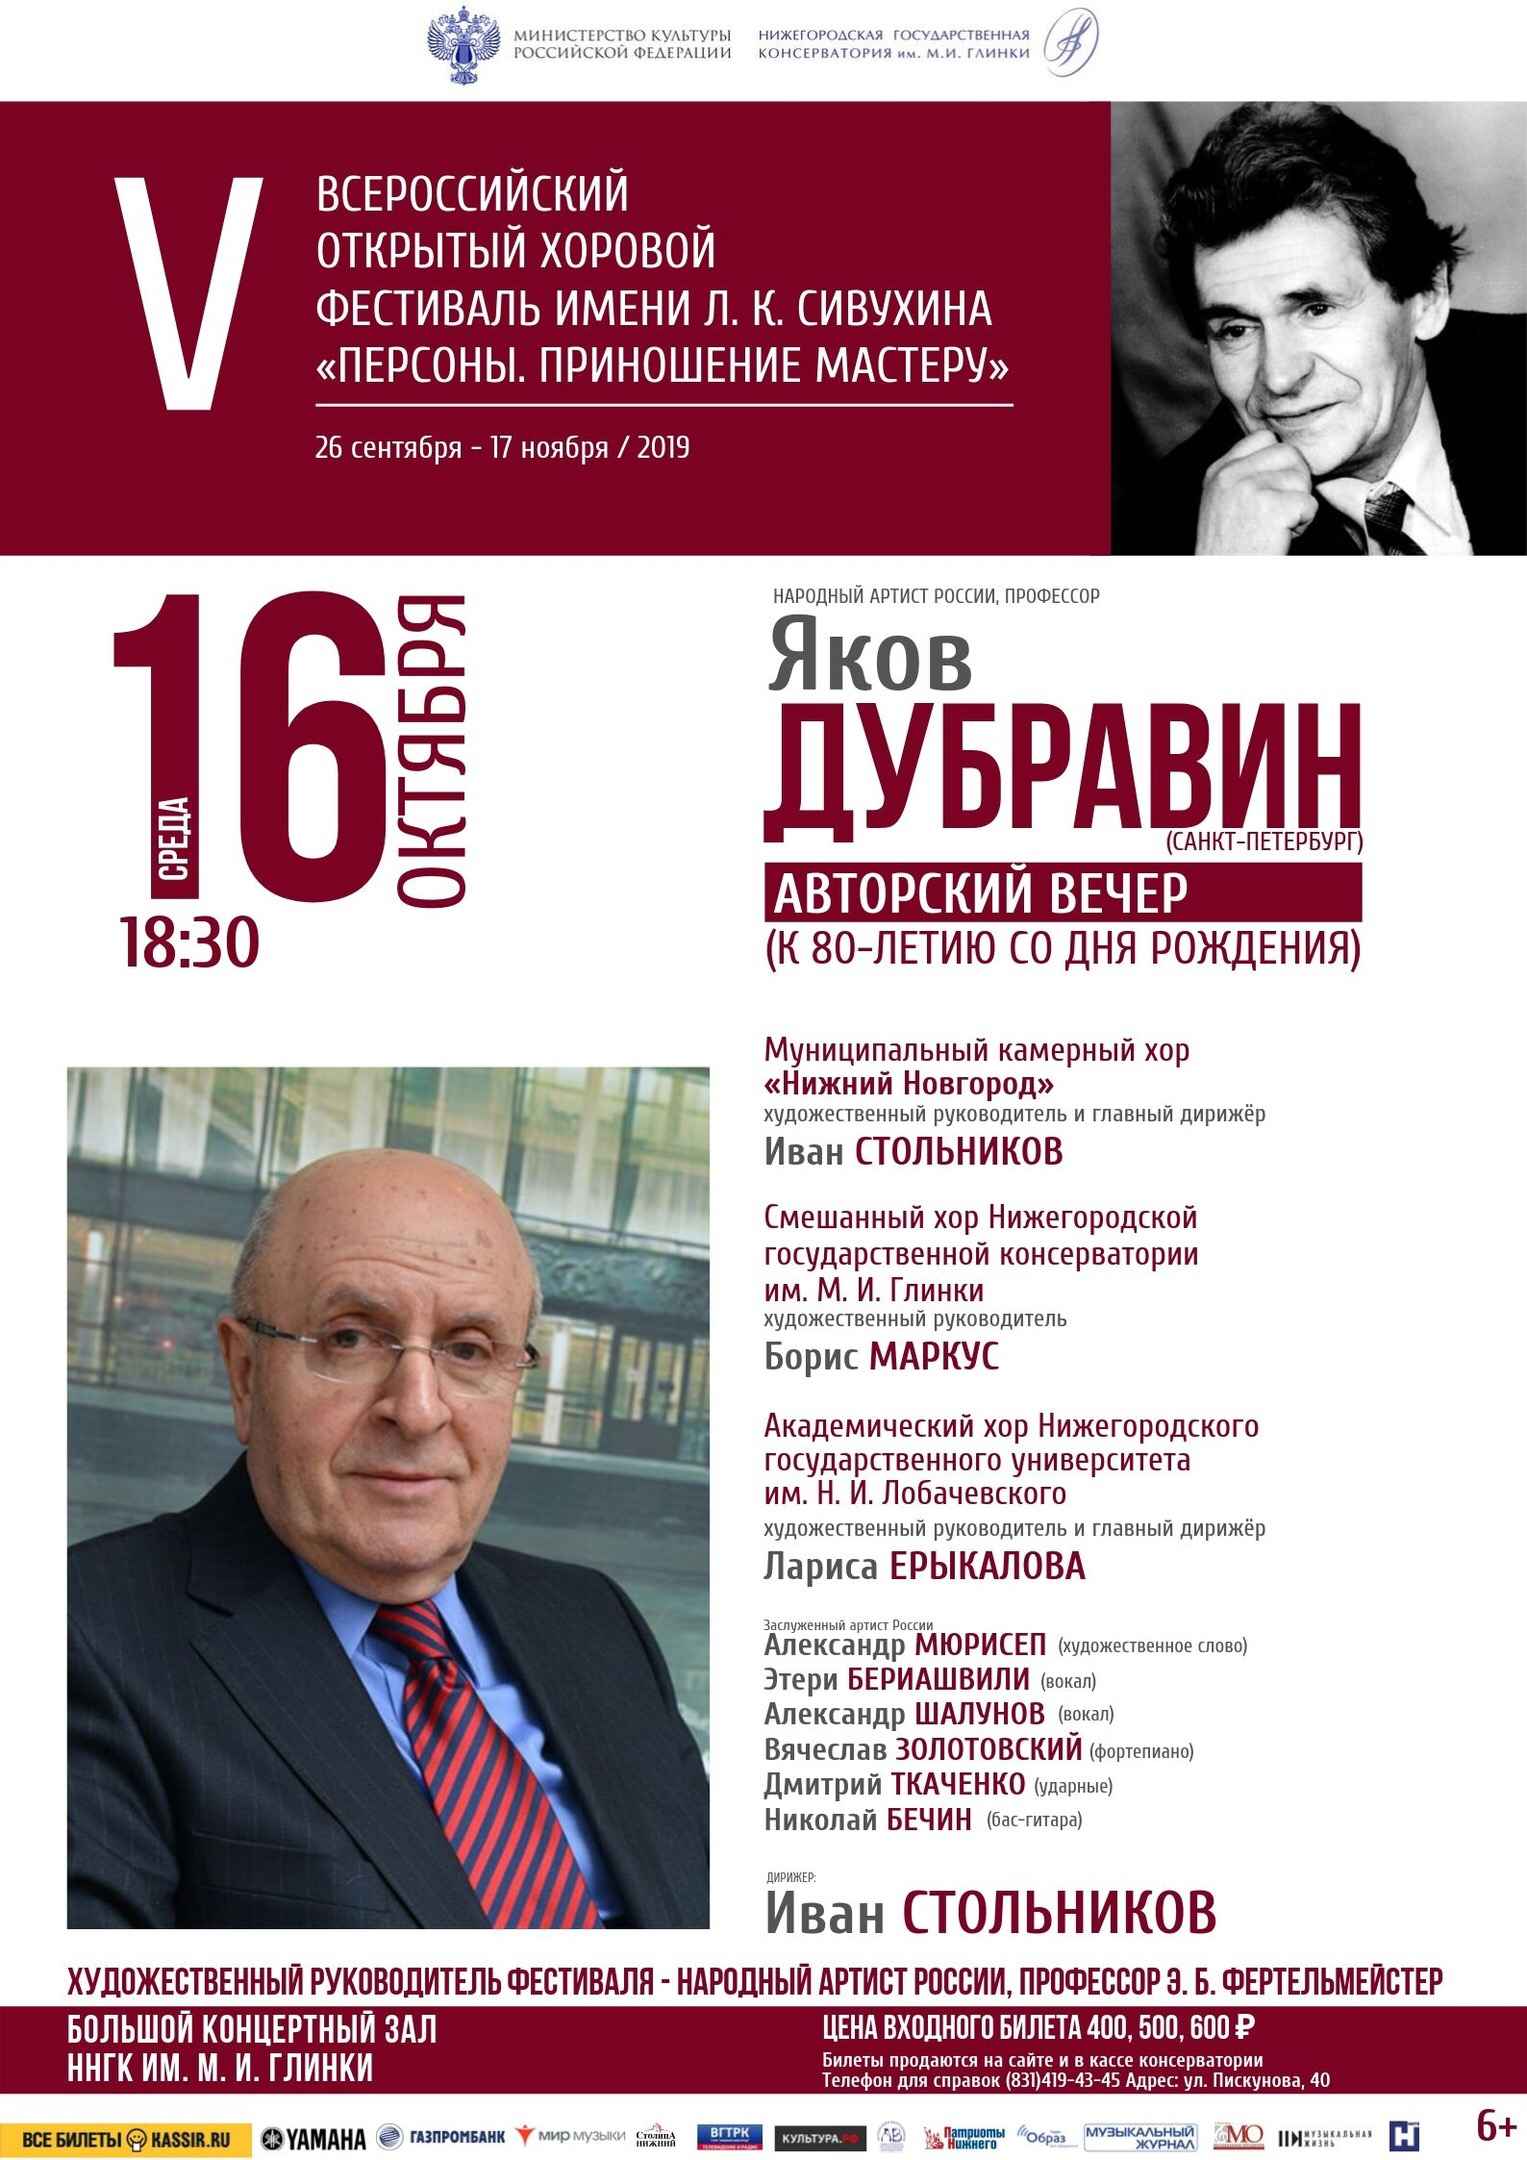 Творческий вечер композитора Якова Дубравина